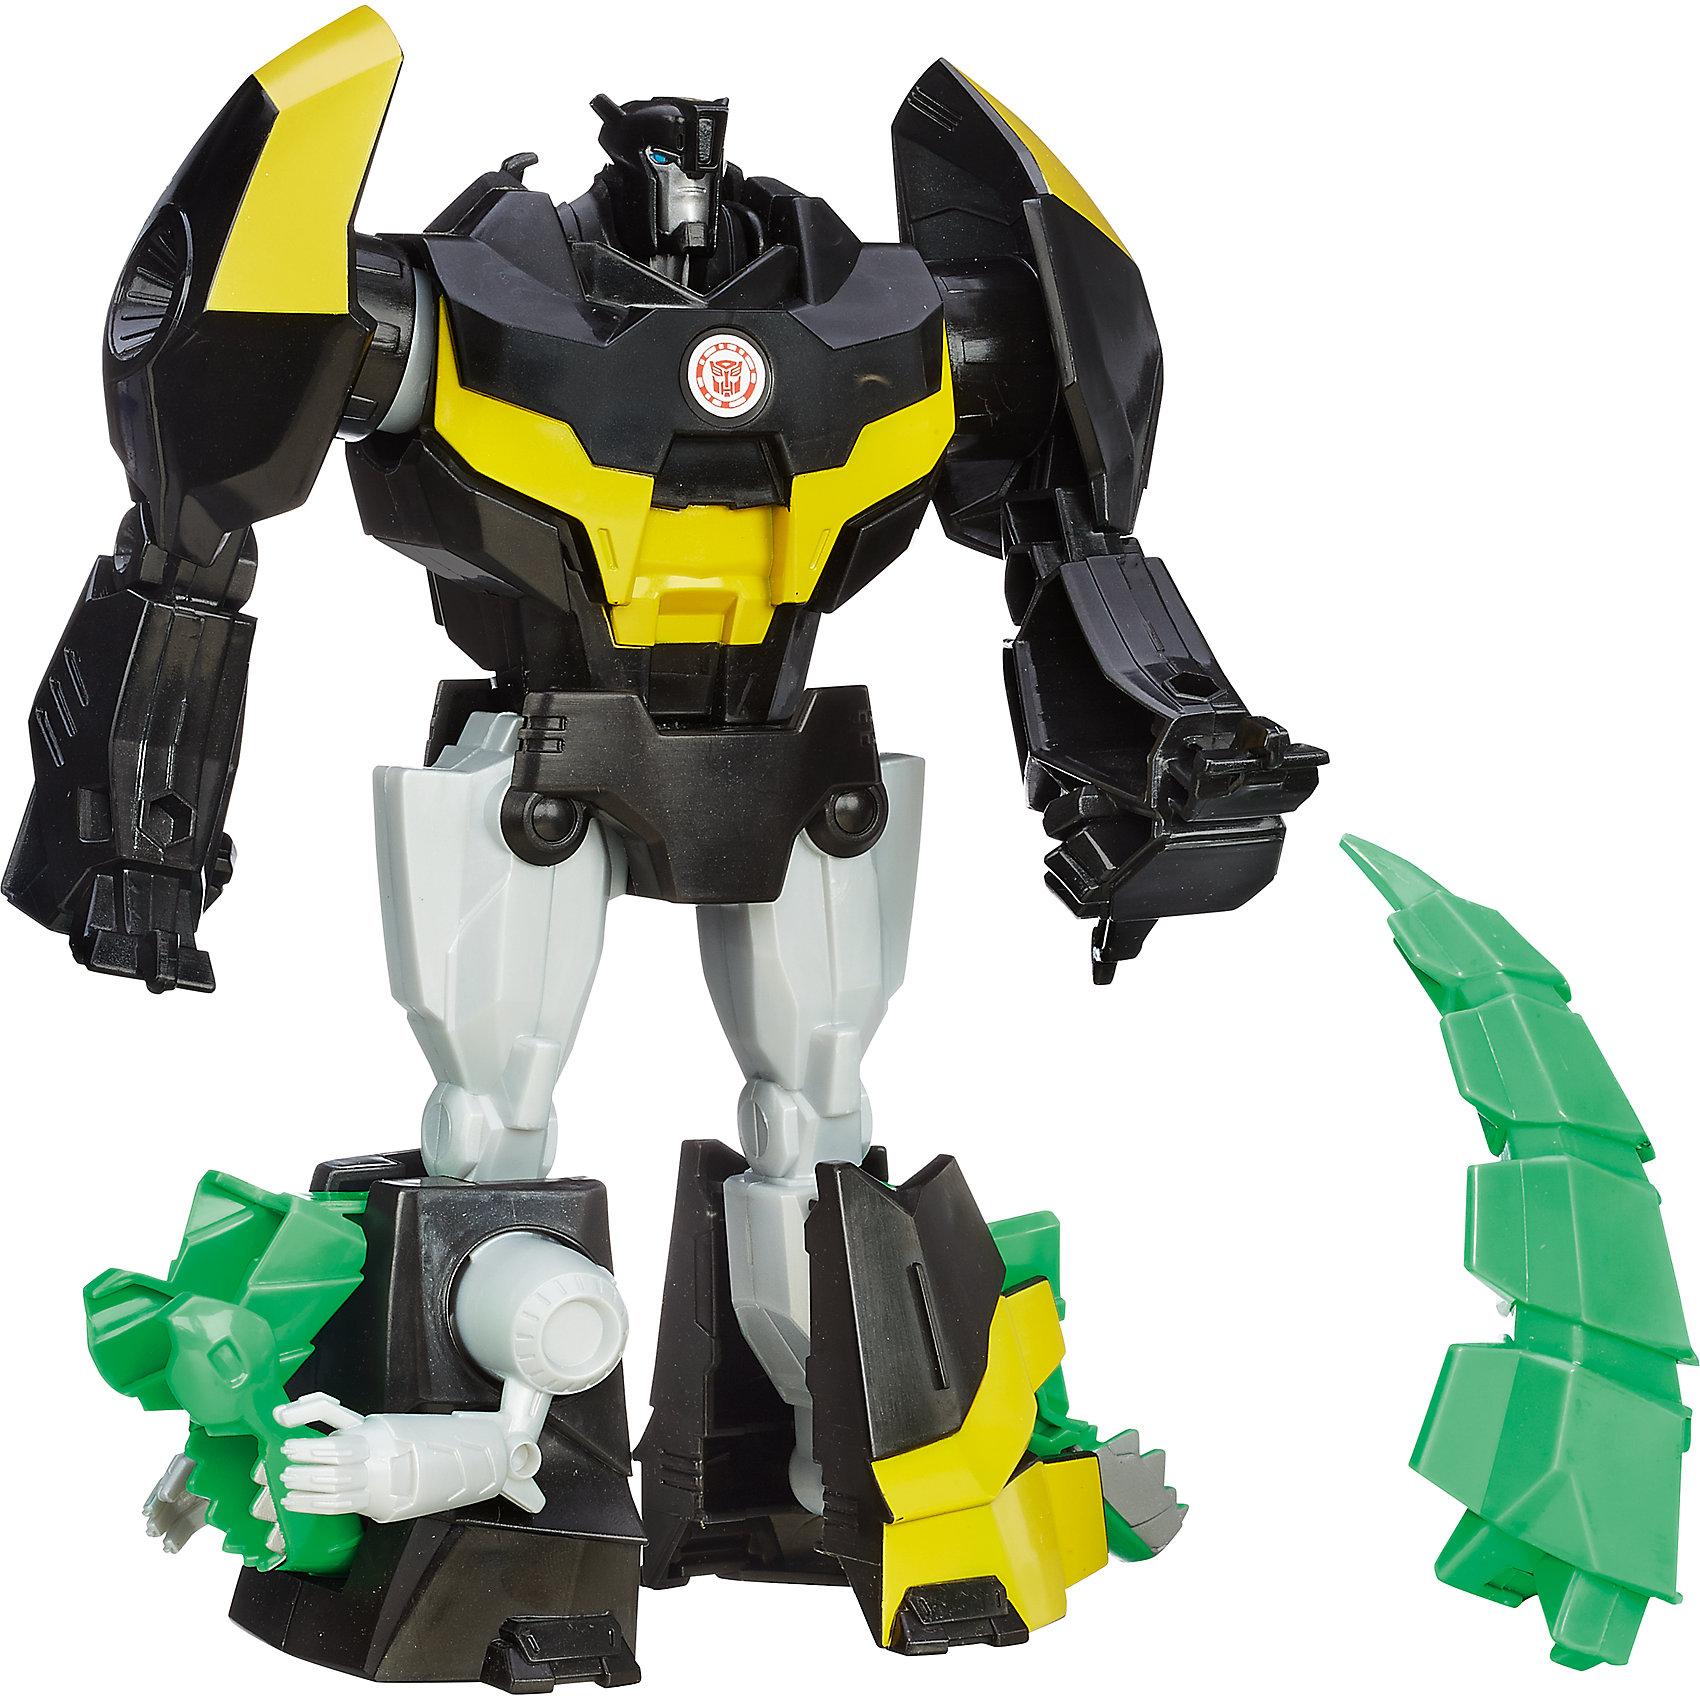 Роботс-ин-Дисгайс Гиперчэндж Гримлок, ТрансформерыИгрушки<br>Роботс-ин-Дисгайс Гиперчэндж, Трансформеры (Transformers) - большие фигурки любимых персонажей с лёгкой и эффектной трансформацией. Эта игрушка не только понравится всем мальчишкам, она поможет развить мелкую моторику, внимание и фантазию ребенка. Выполнена из высококачественного прочного пластика, безопасного для детей.<br><br>Дополнительная информация:<br><br>- Материал: пластик<br>- Размер упаковки: 8 x 20 х 23 см.<br><br>Роботс-ин-Дисгайс Войны, Трансформеров (Transformers), можно купить в нашем магазине.<br><br>Ширина мм: 79<br>Глубина мм: 203<br>Высота мм: 229<br>Вес г: 300<br>Возраст от месяцев: 60<br>Возраст до месяцев: 120<br>Пол: Мужской<br>Возраст: Детский<br>SKU: 4874304